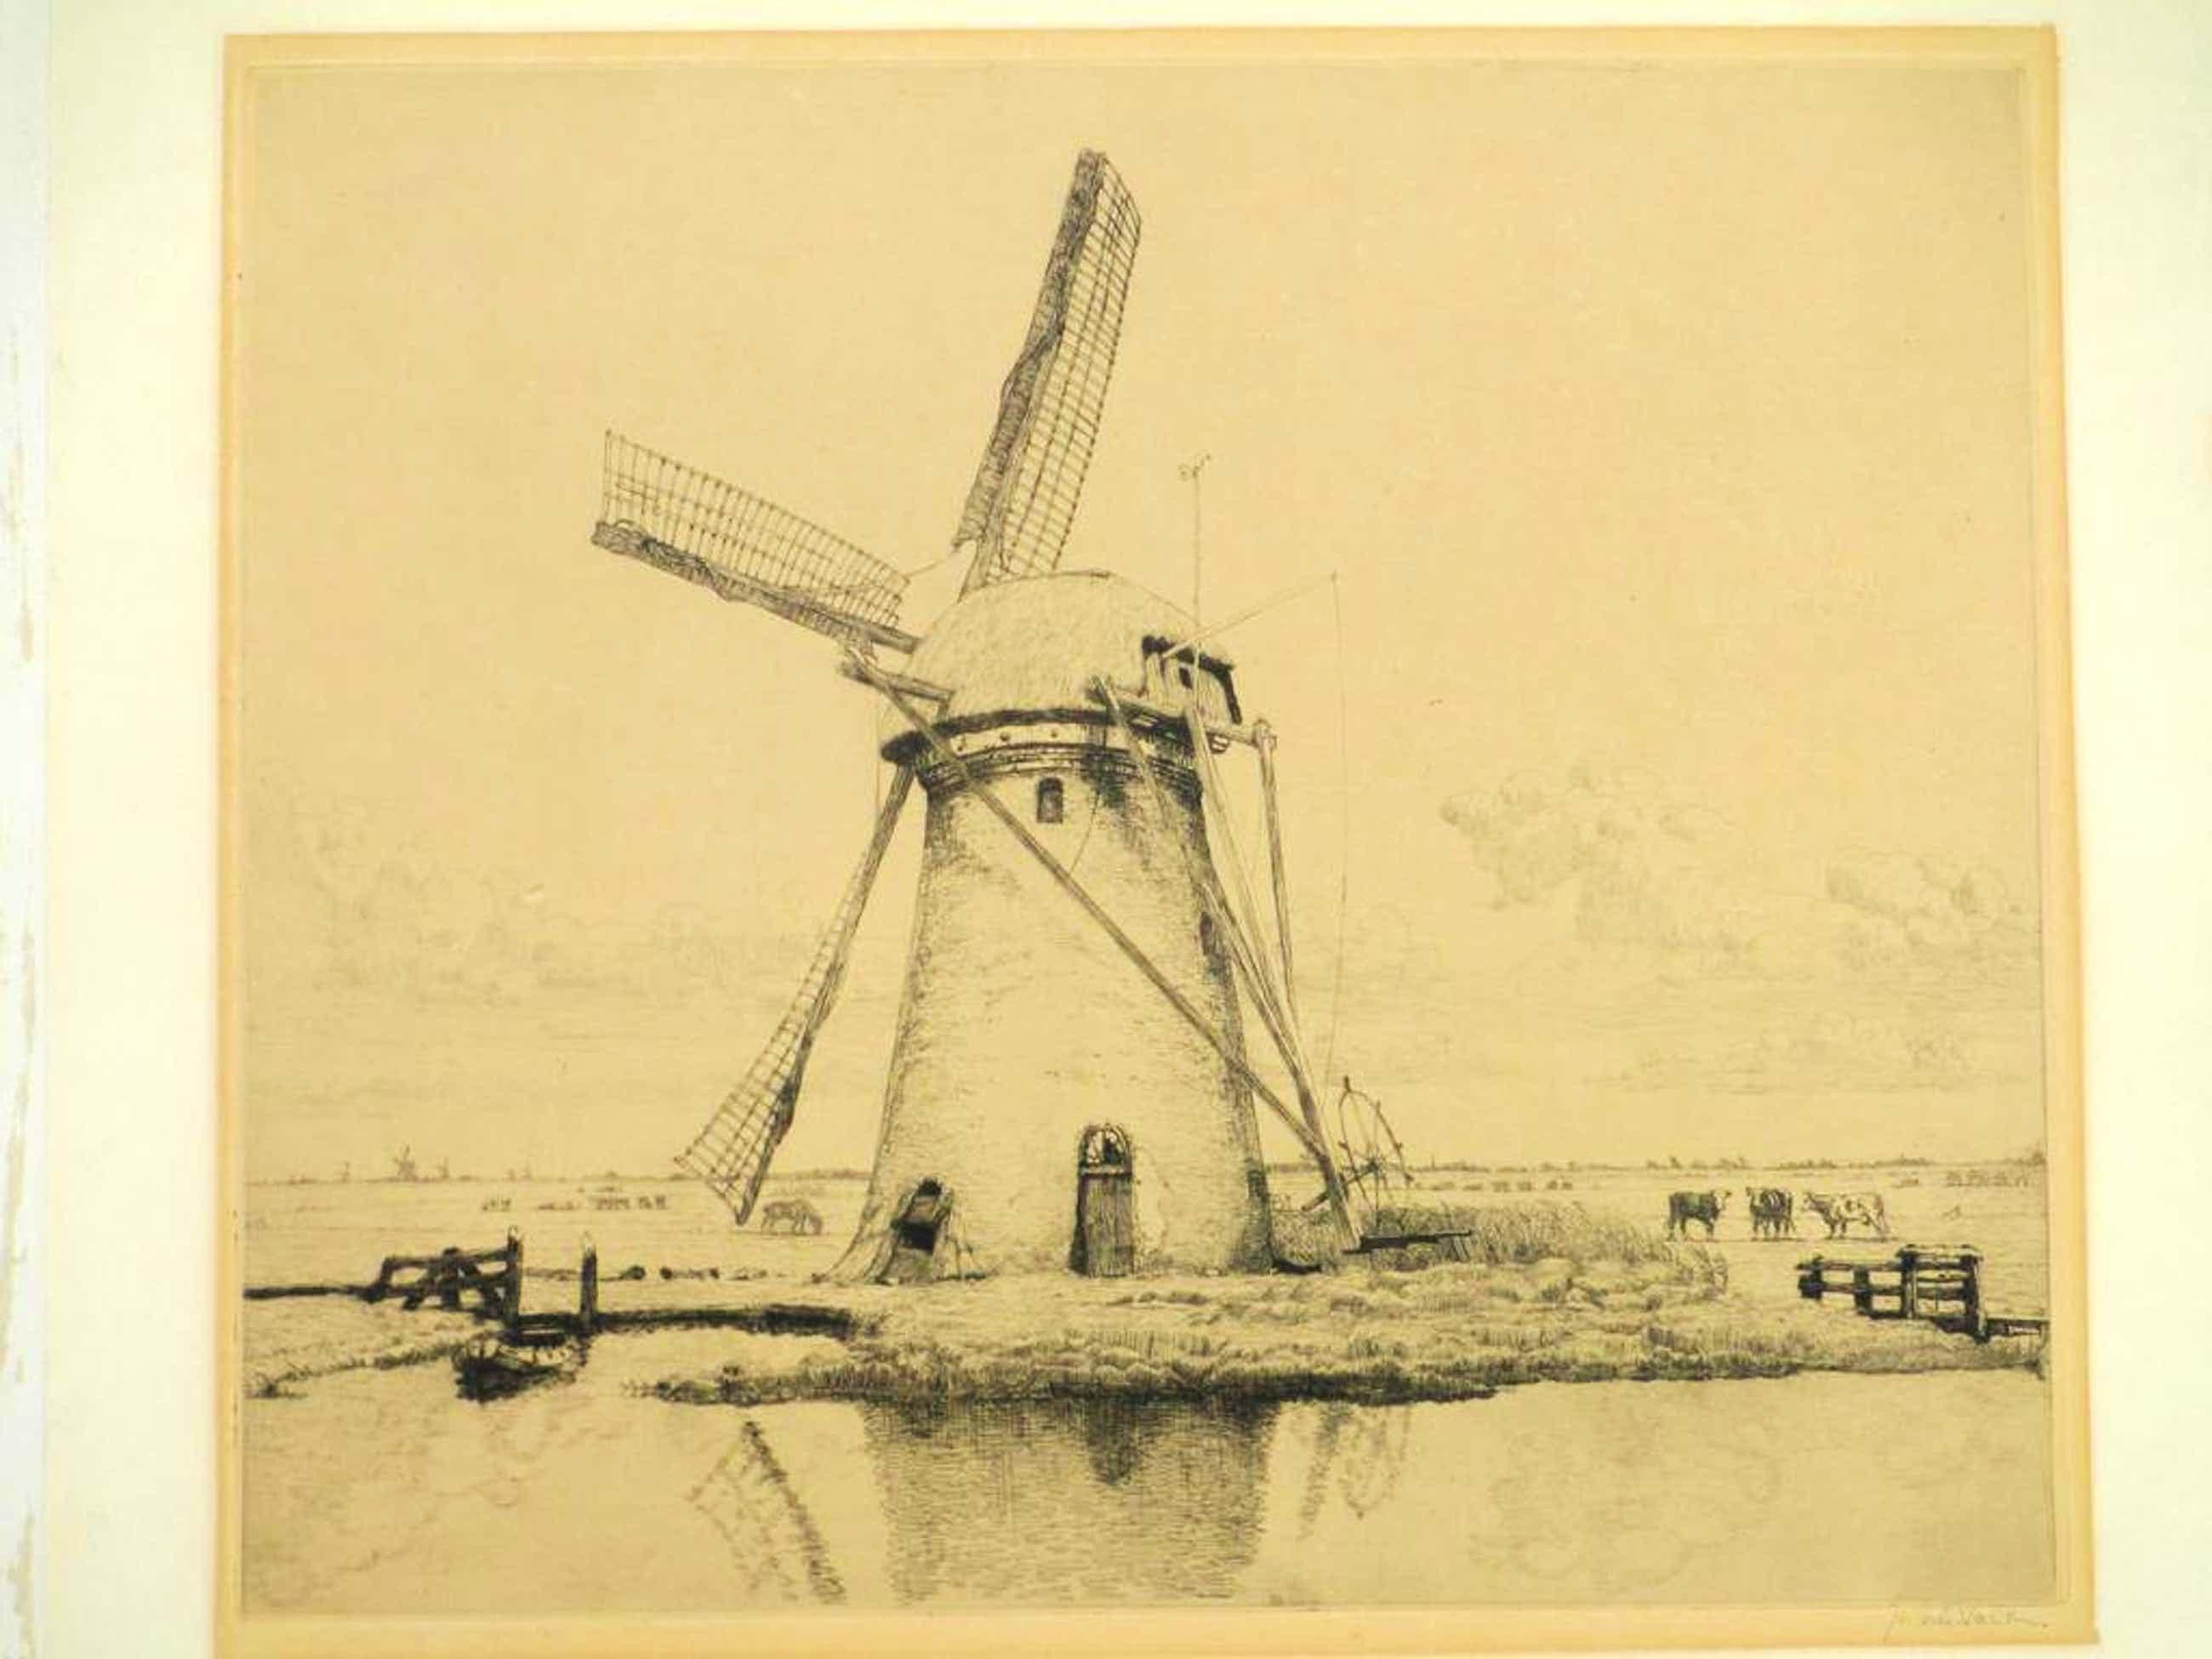 Maurits van der Valk, Molen in puur Hollands landschap, Ets kopen? Bied vanaf 35!